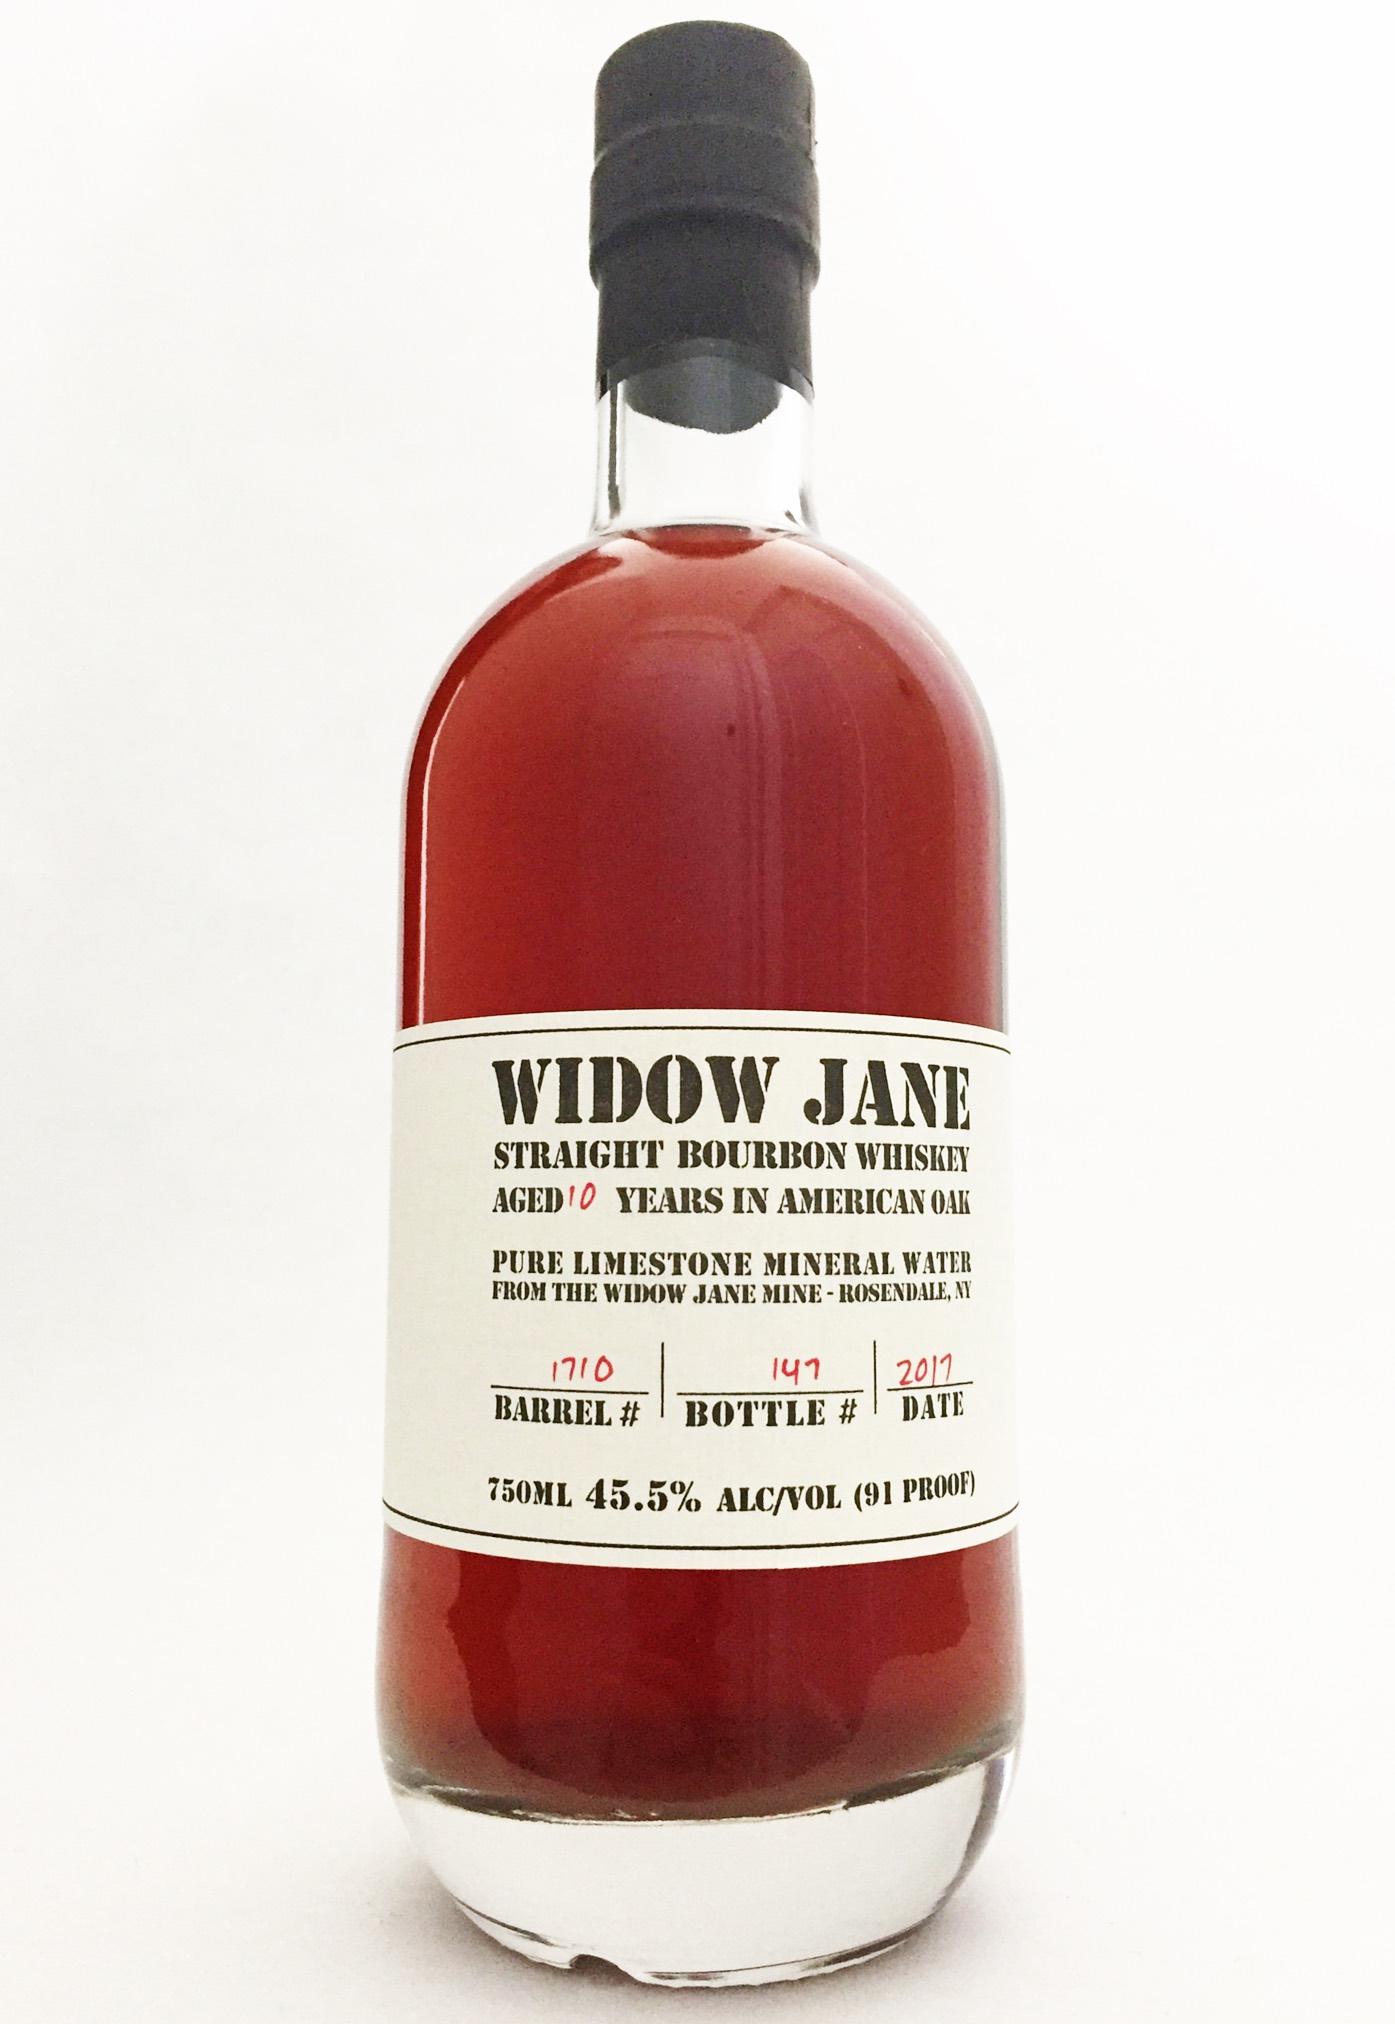 Widow Jane Full Bottle